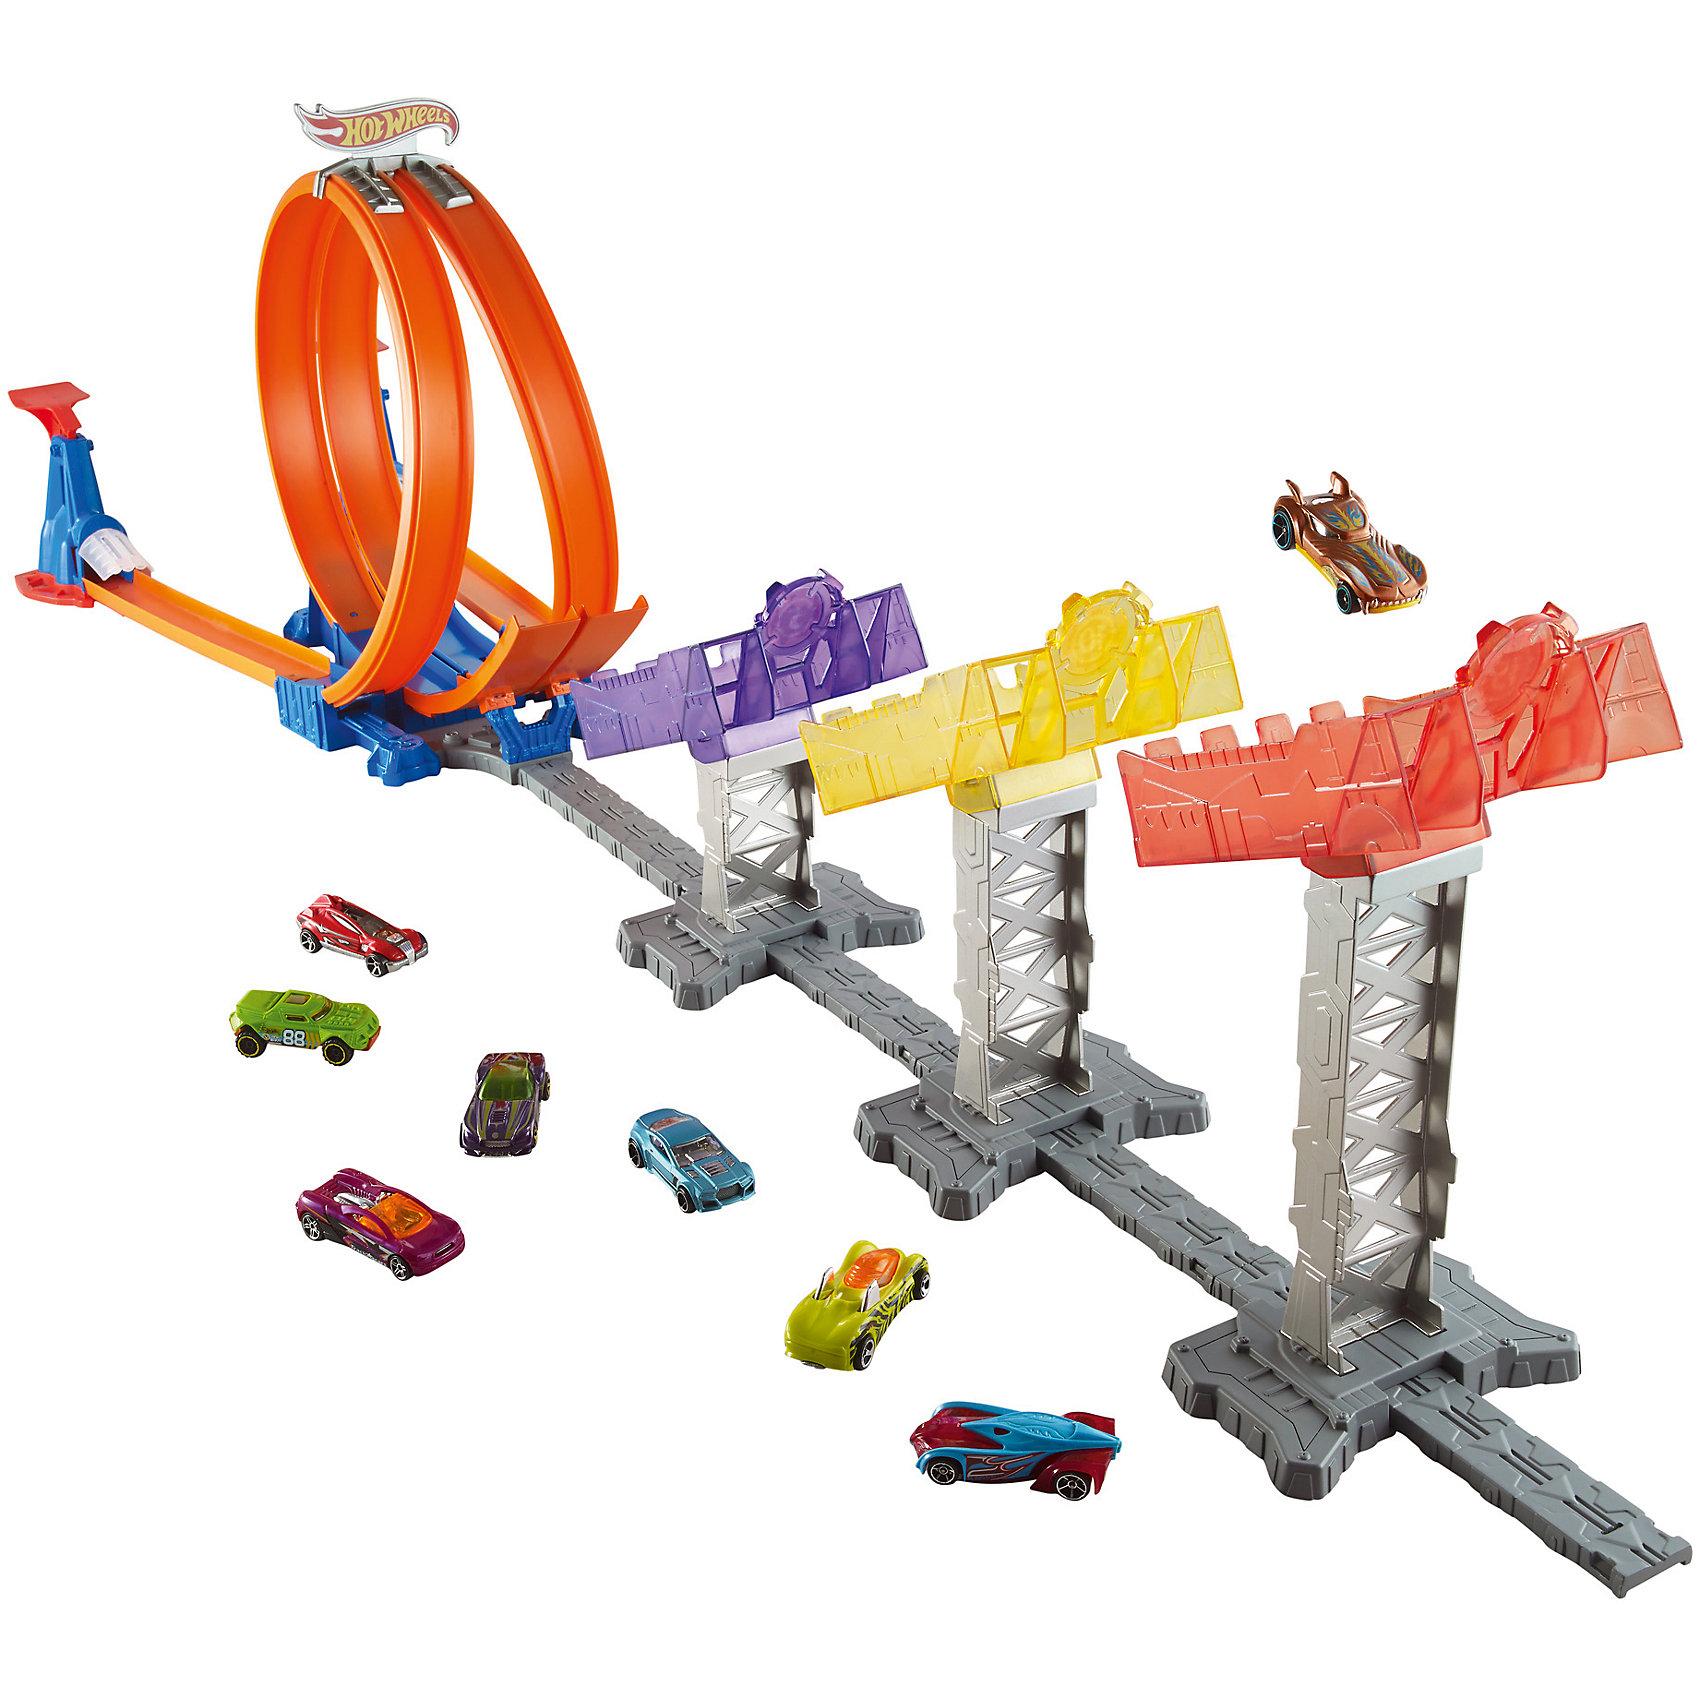 Суперскоростная трасса, Hot WheelsСуперскоростная трасса, Hot Wheels - это потрясающий трек серии Hot Wheels, который, несомненно, порадует каждого мальчишку!<br>Узнай, кто из твоих друзей самый быстрый и меткий гонщик и у кого дальше долетит спорт-кар, запускай машинки по головокружительным петлям! Два лончера для машинок и две сногсшибательные петли сделают гонку азартной и увлекательной. Запускай машинки по треке и смотри, какая дальше приземлится по специальным контейнерам. В комплект также входит 1 коллекционная машинка Hot Wheels в масштабе 1:64. Автомобиль выполнен из высококачественных, ударостойких материалов - а значит, устраивать гонки ты сможешь снова и снова!<br><br>Дополнительная информация:<br><br>- В наборе: машинка, детали для сборки трассы, два пусковых устройства<br>- Материл: пластик<br>- Размер упаковки: 7х51х30,5 см.<br>- Вес: 1,375 кг.<br><br>Суперскоростную трассу, Hot Wheels можно купить в нашем интернет-магазине.<br><br>Ширина мм: 70<br>Глубина мм: 510<br>Высота мм: 305<br>Вес г: 1375<br>Возраст от месяцев: 48<br>Возраст до месяцев: 144<br>Пол: Мужской<br>Возраст: Детский<br>SKU: 4865284